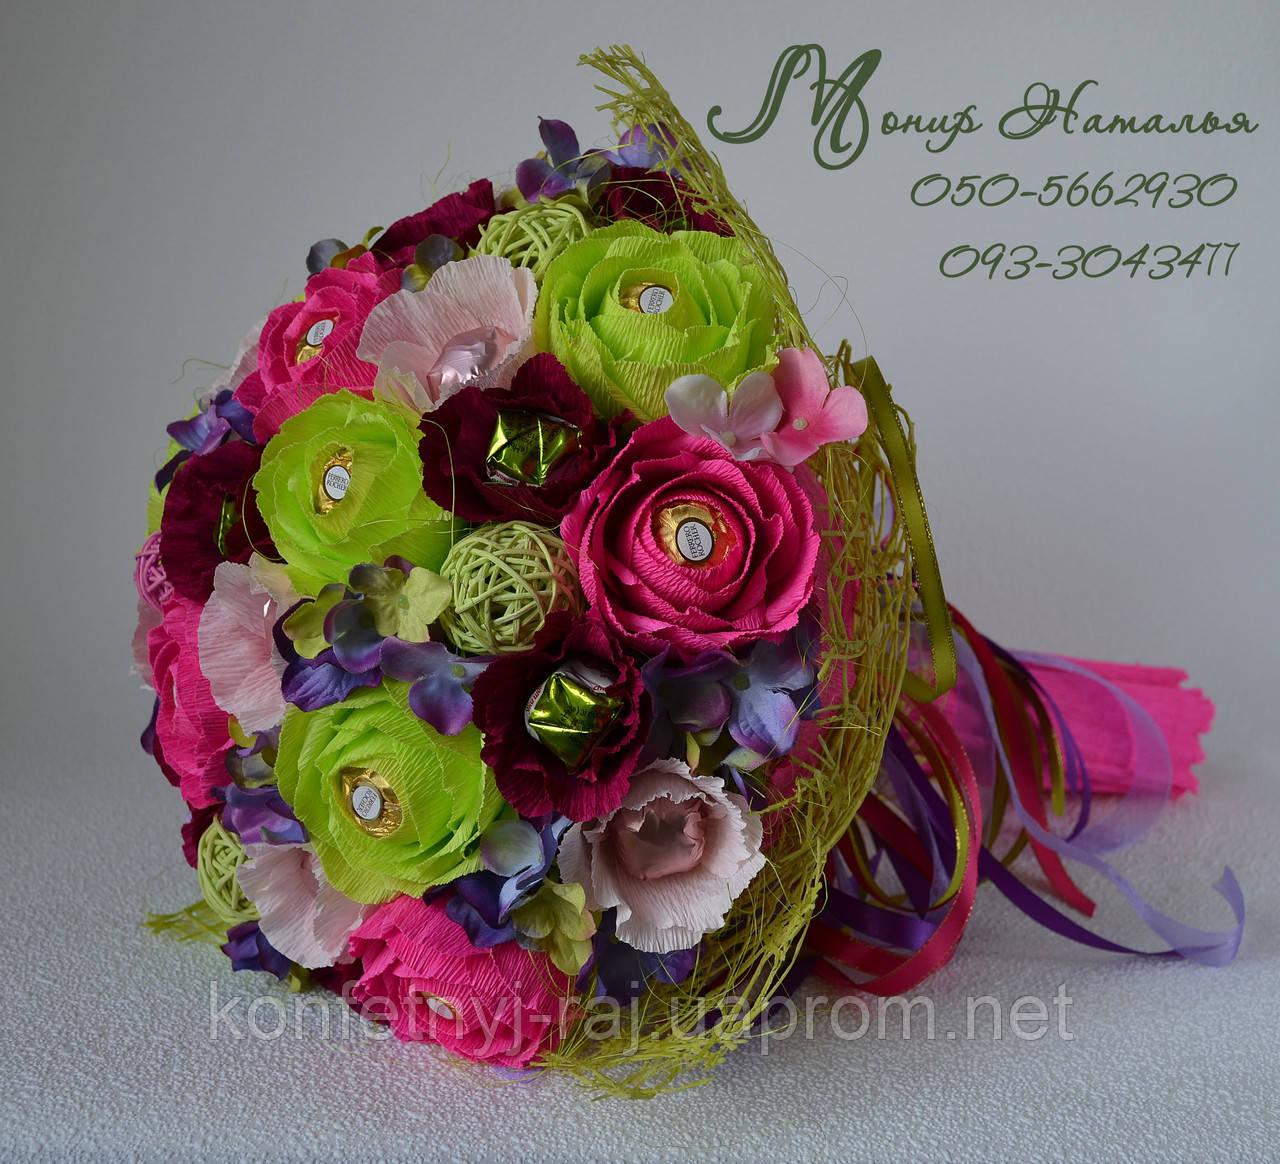 Где в хабаргвске заказать букет из конфет москва джаз флора доставка цветов